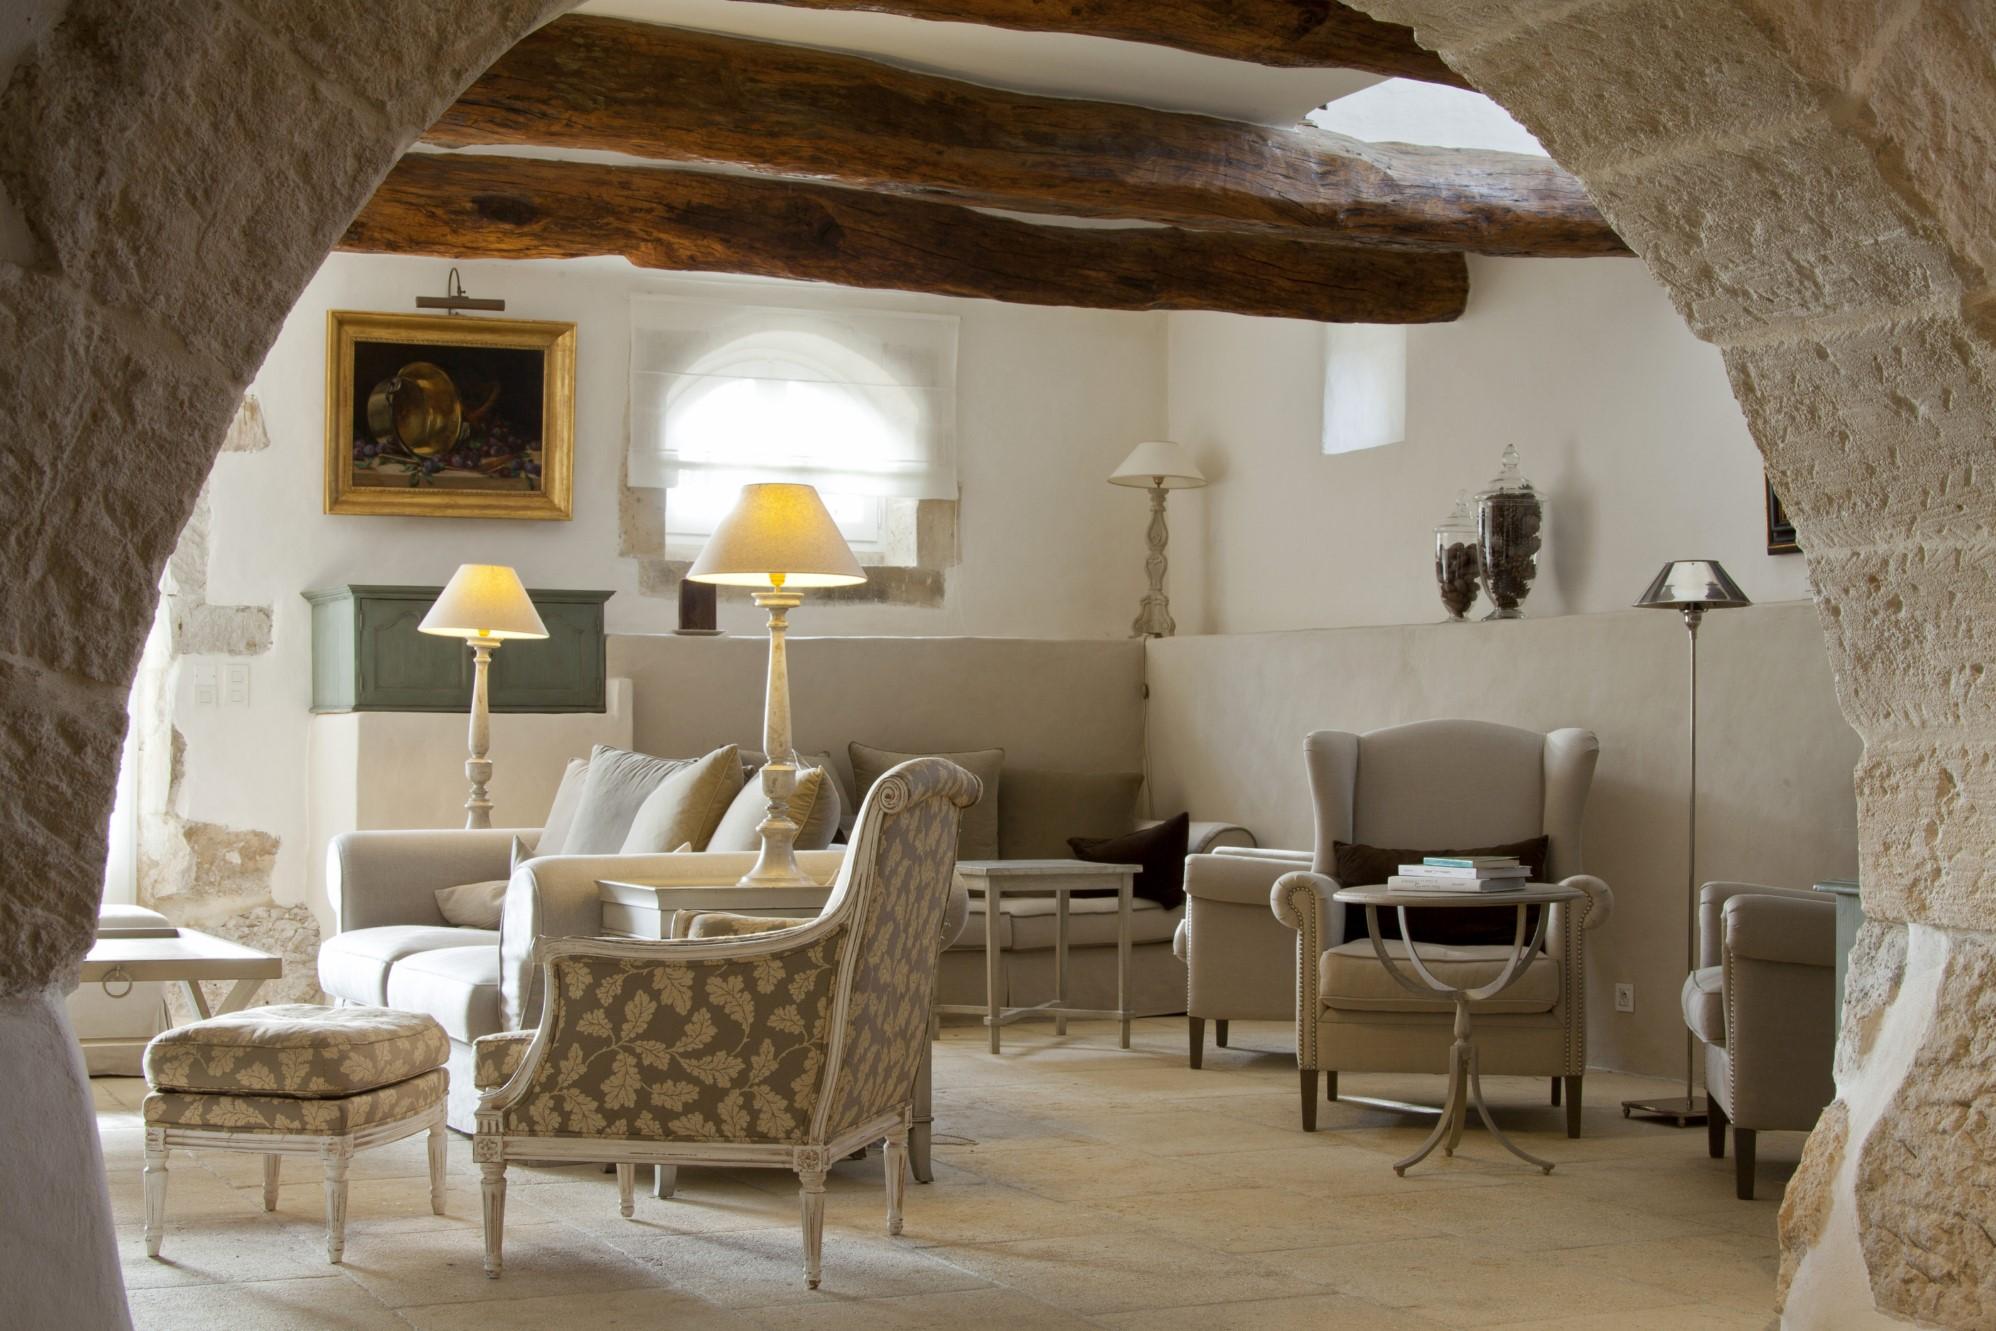 Chambres d'hôtes à vendre dans les Alpilles